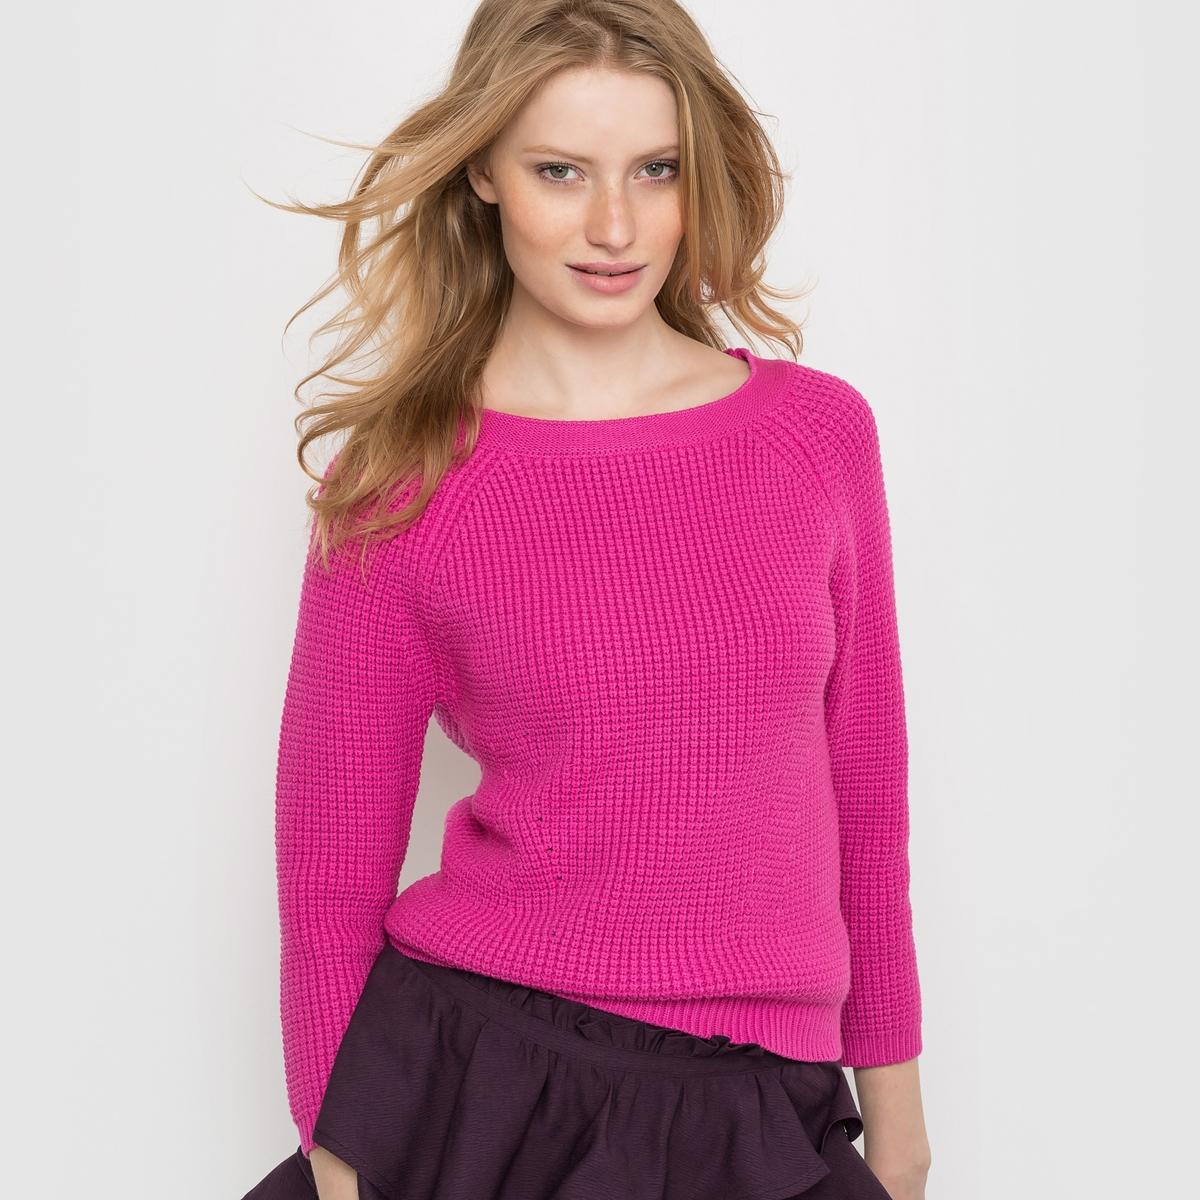 Пуловер короткий с рукавами 3/4 и круглым вырезомОчень модный в этом сезоне короткий пуловер, напоминающий внешним видом розовый леденец.<br><br>Цвет: розовый<br>Размер: 42/44 (FR) - 48/50 (RUS)